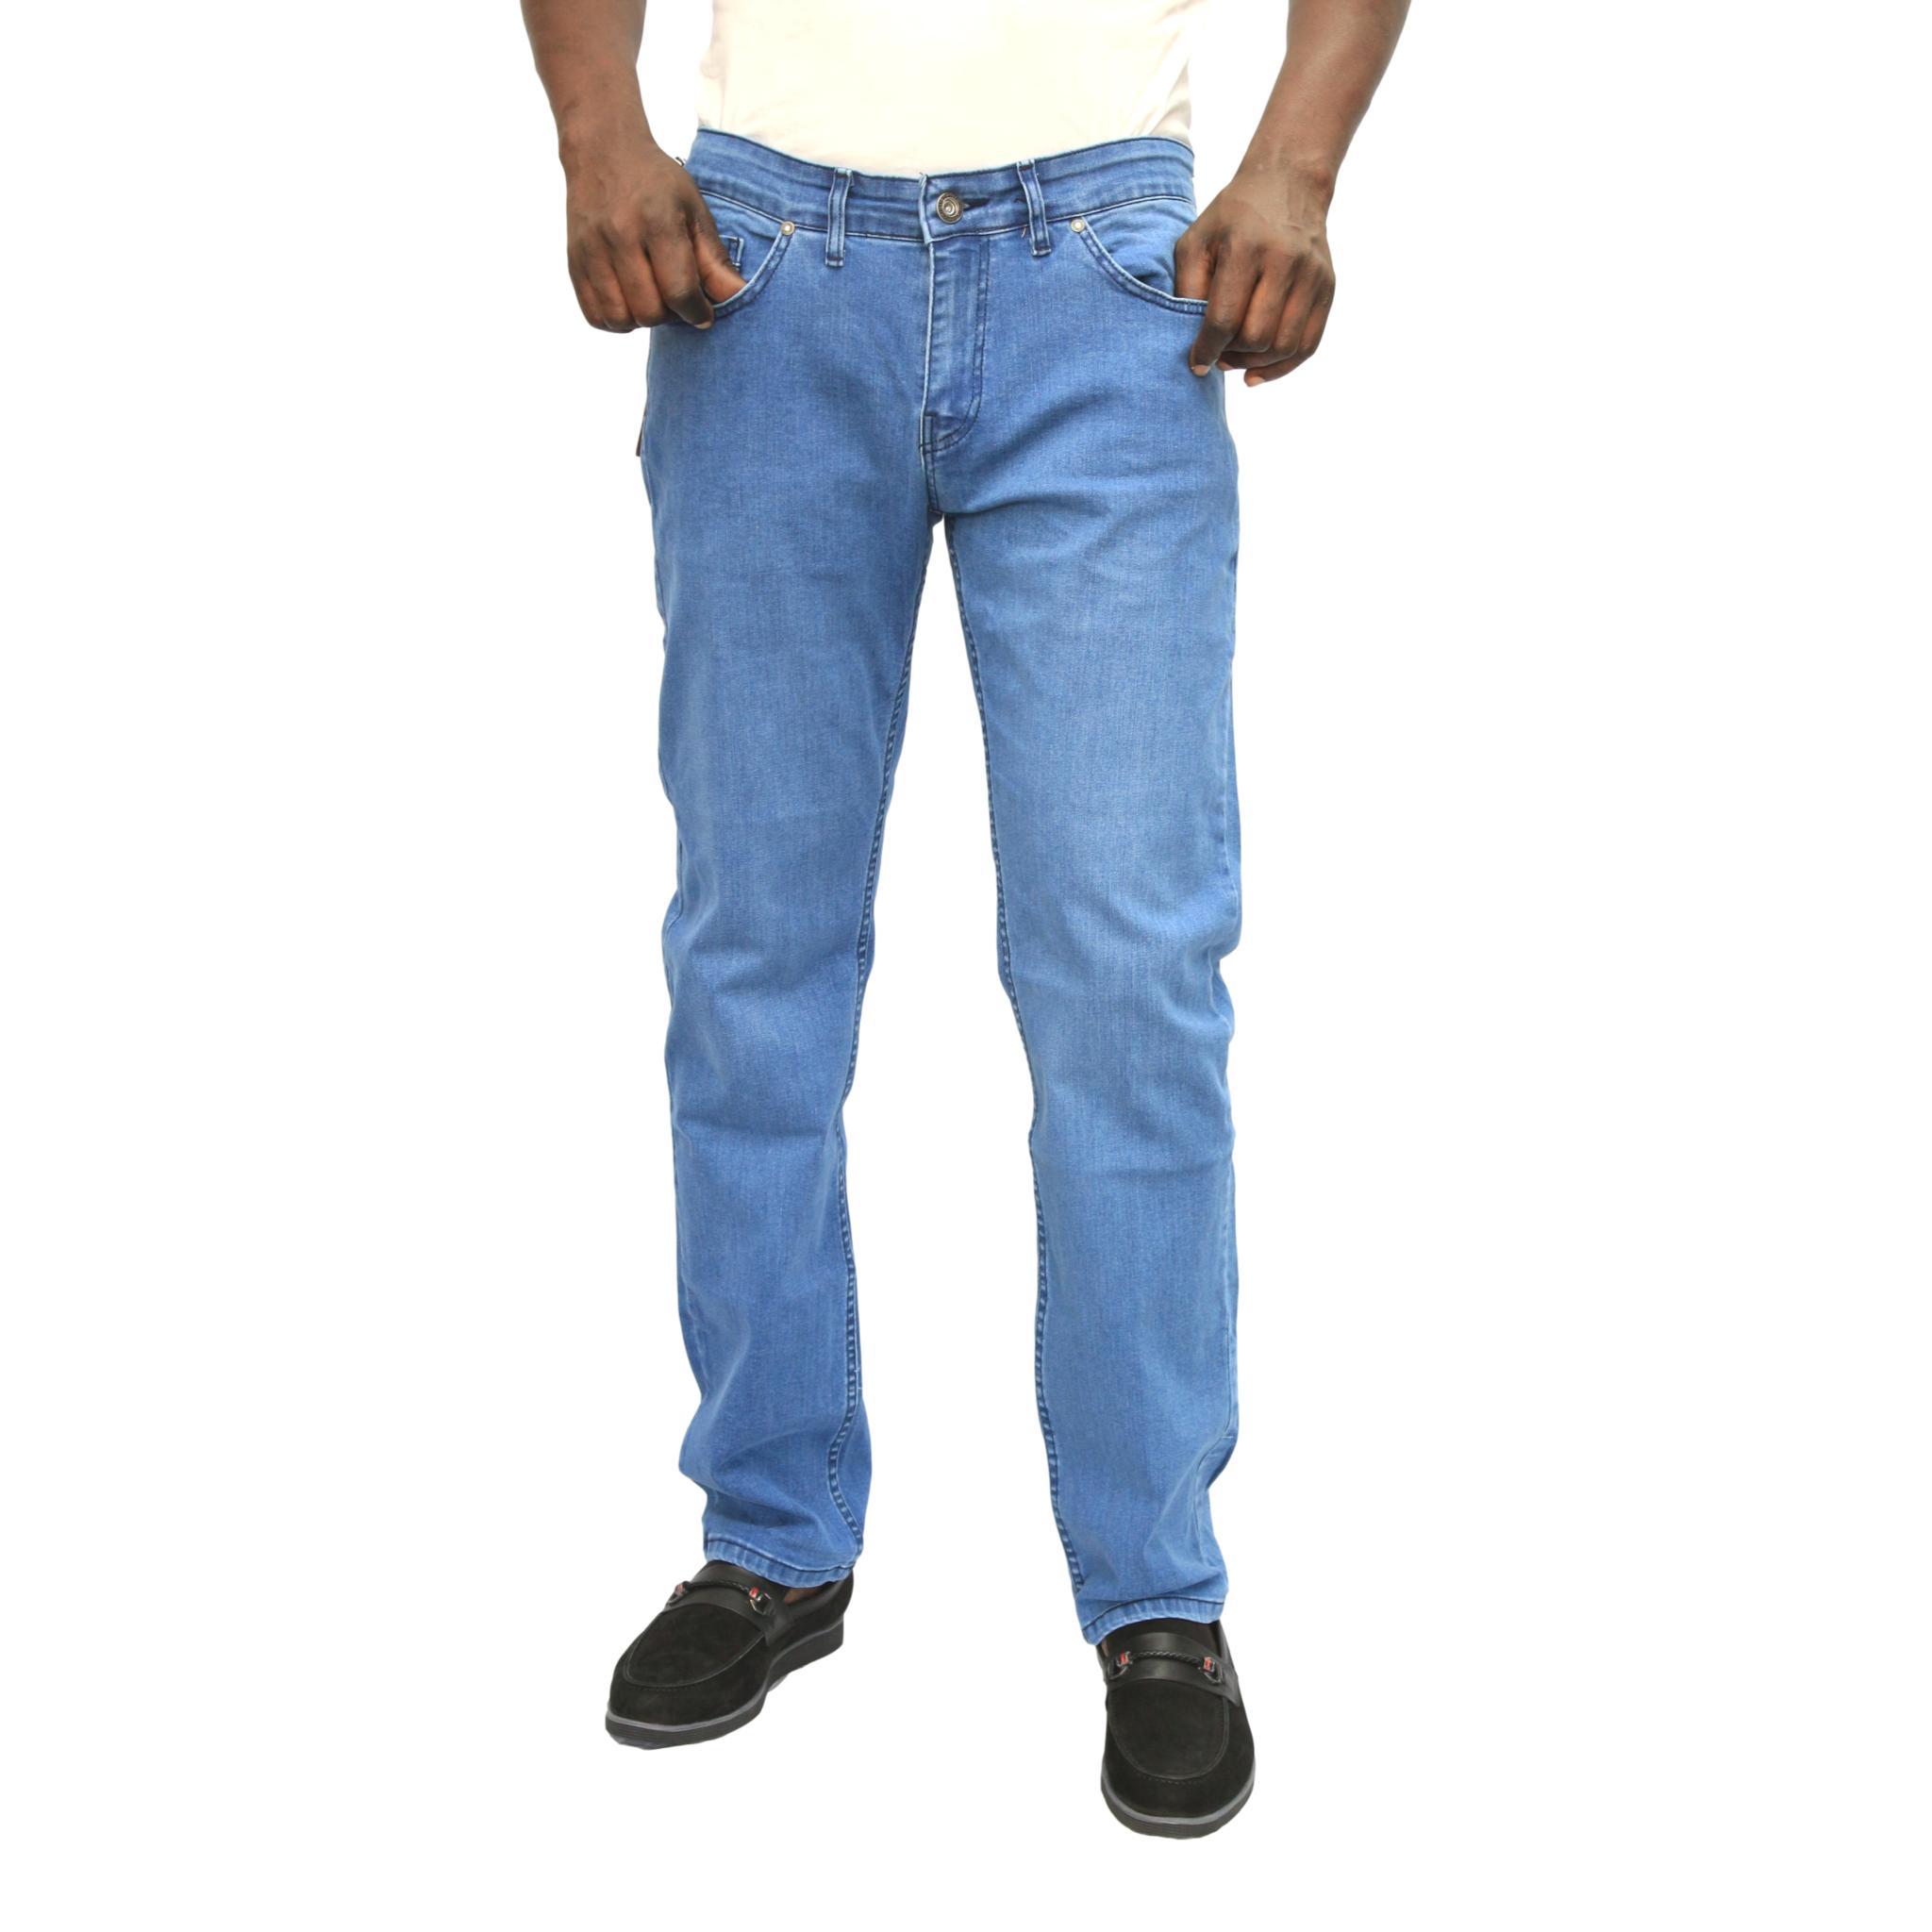 Pantalon jeans 007